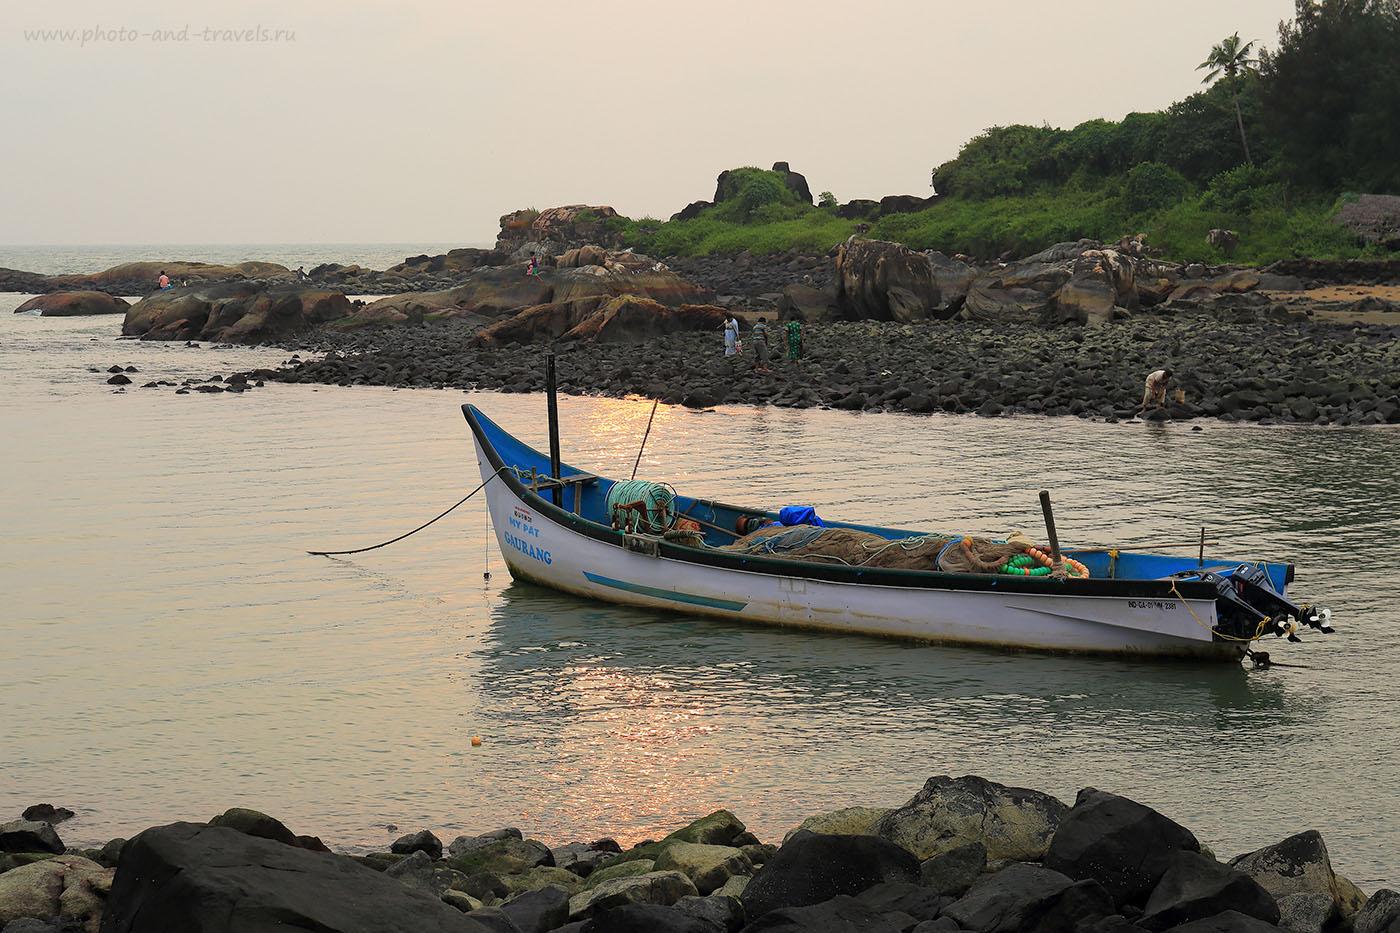 Фотография 14. Лодка на закате и местные собиратели. Пляж Коломб, расположенный рядом с более известным Палолемом. Отдых на Южном Гоа в Индии самостоятельно (2162) (24-70, 1/250, 0eV, f9, 70mm, ISO 100)